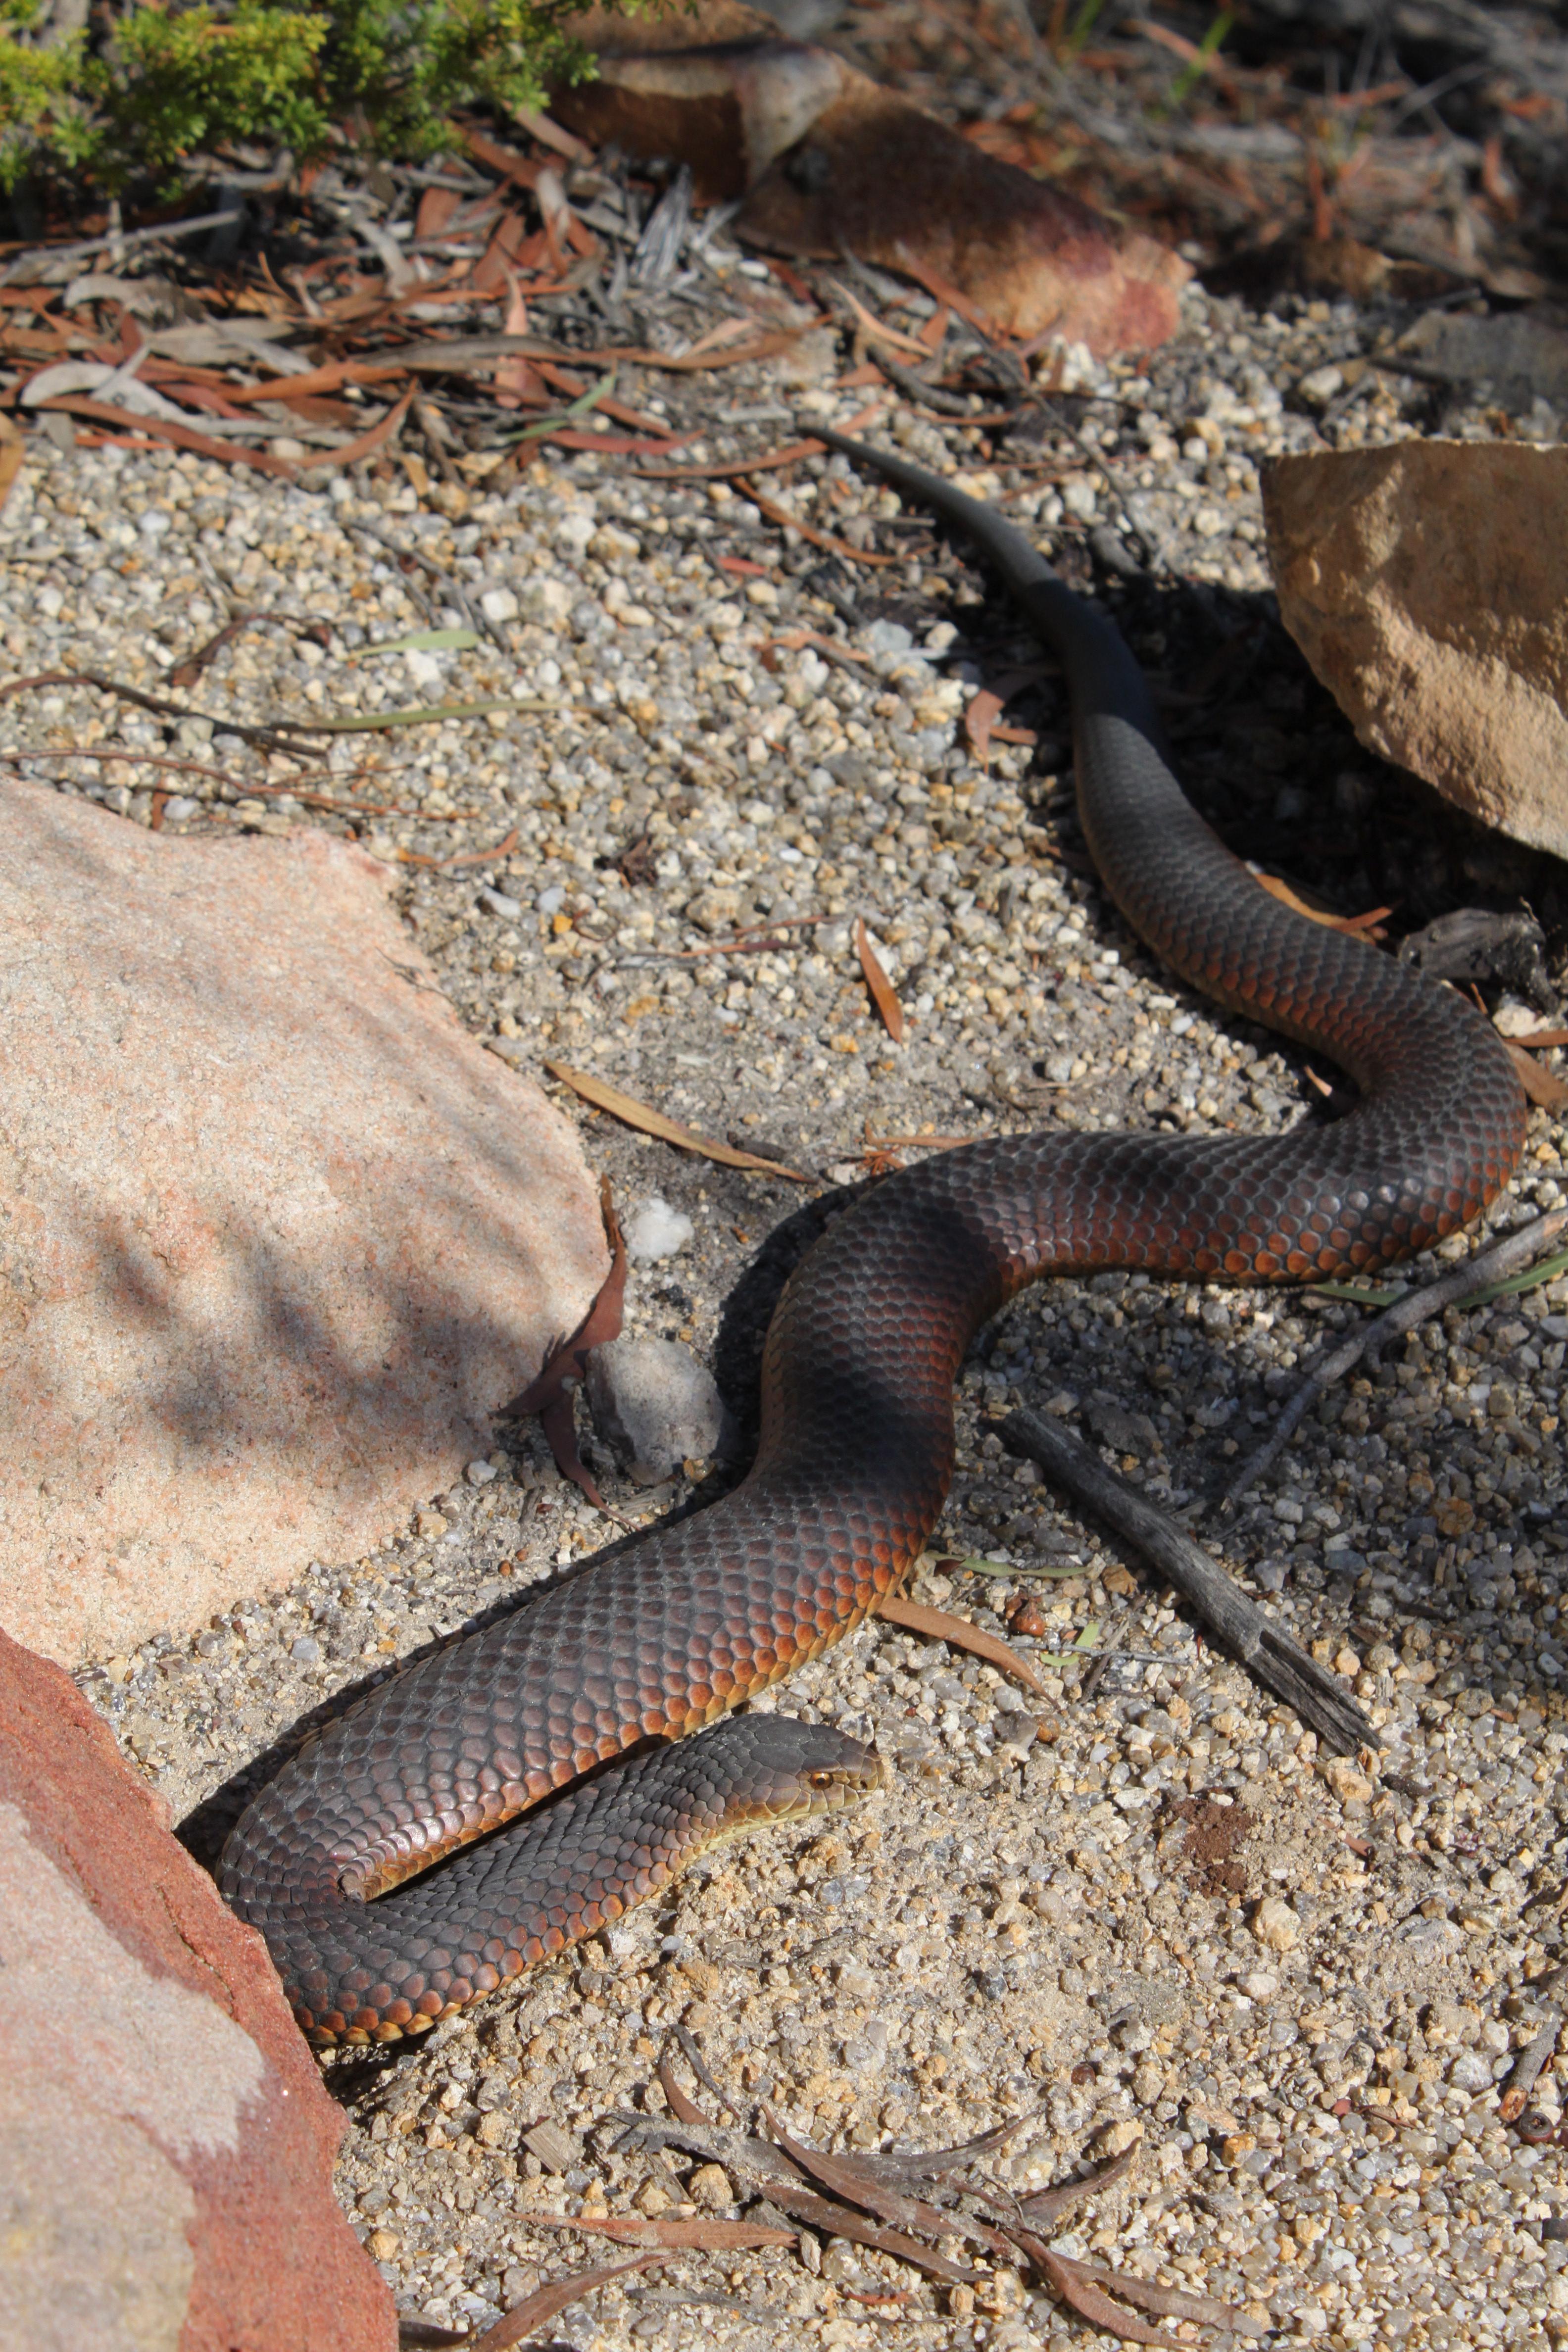 Image of White-lipped snake